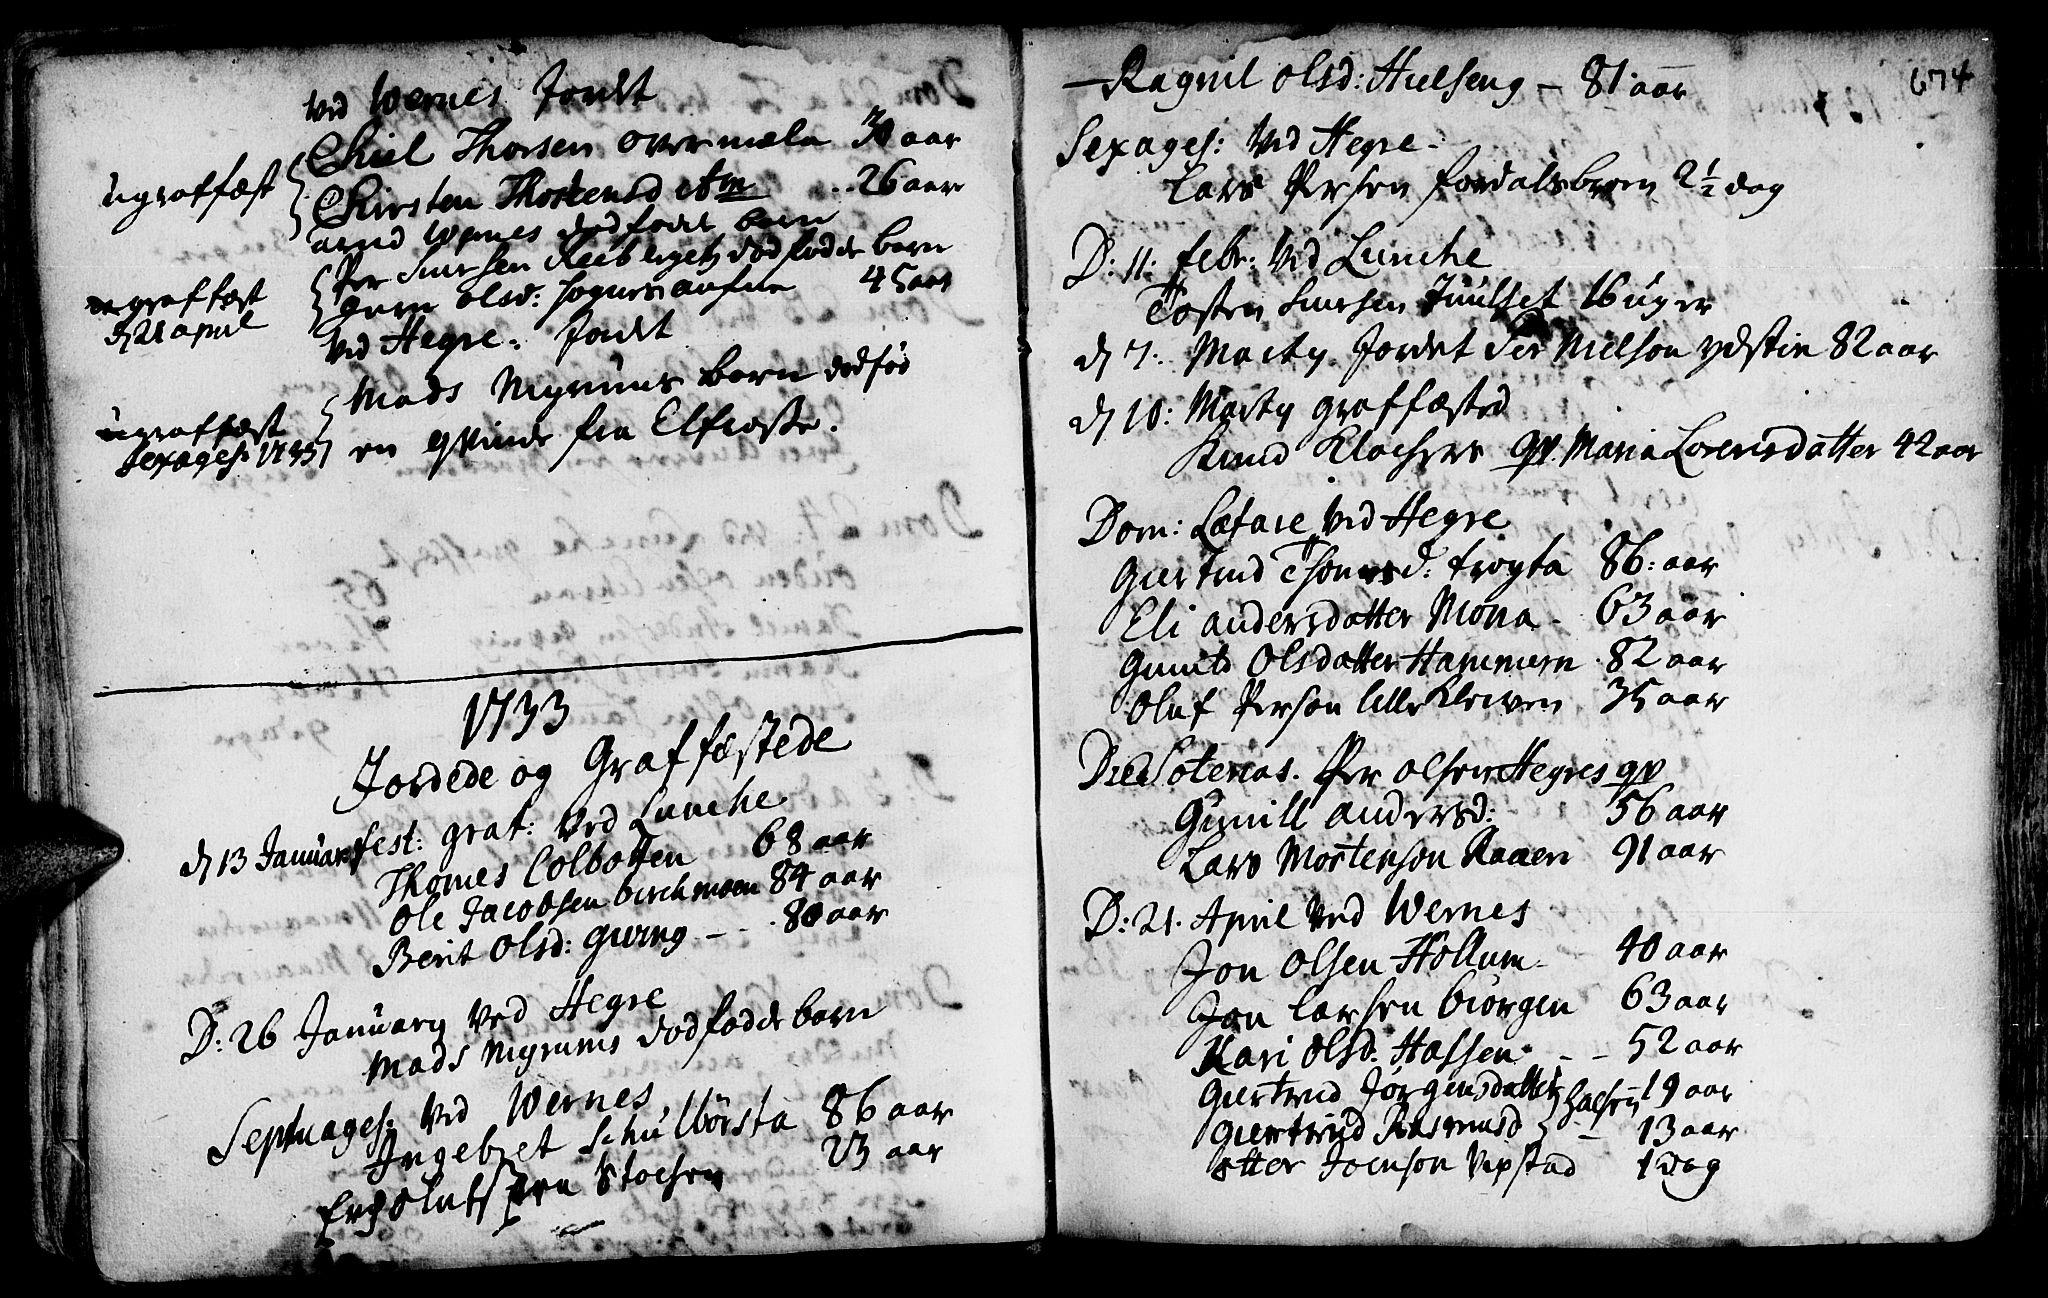 SAT, Ministerialprotokoller, klokkerbøker og fødselsregistre - Nord-Trøndelag, 709/L0055: Ministerialbok nr. 709A03, 1730-1739, s. 673-674